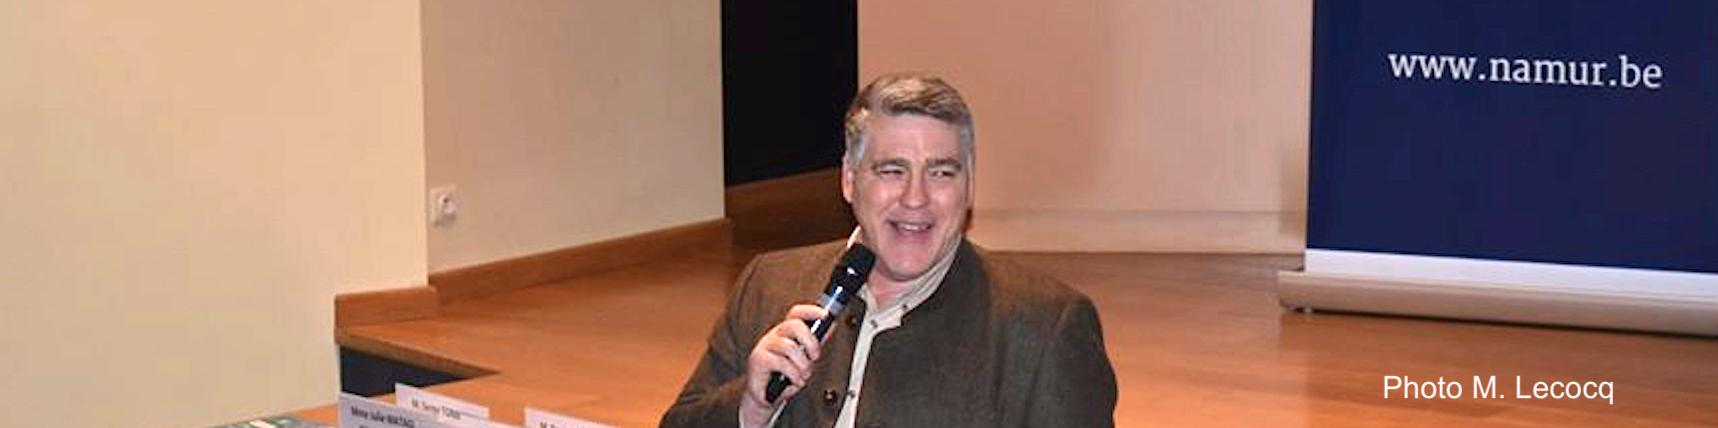 Les Grands Chantiers à Namur : réunion publique